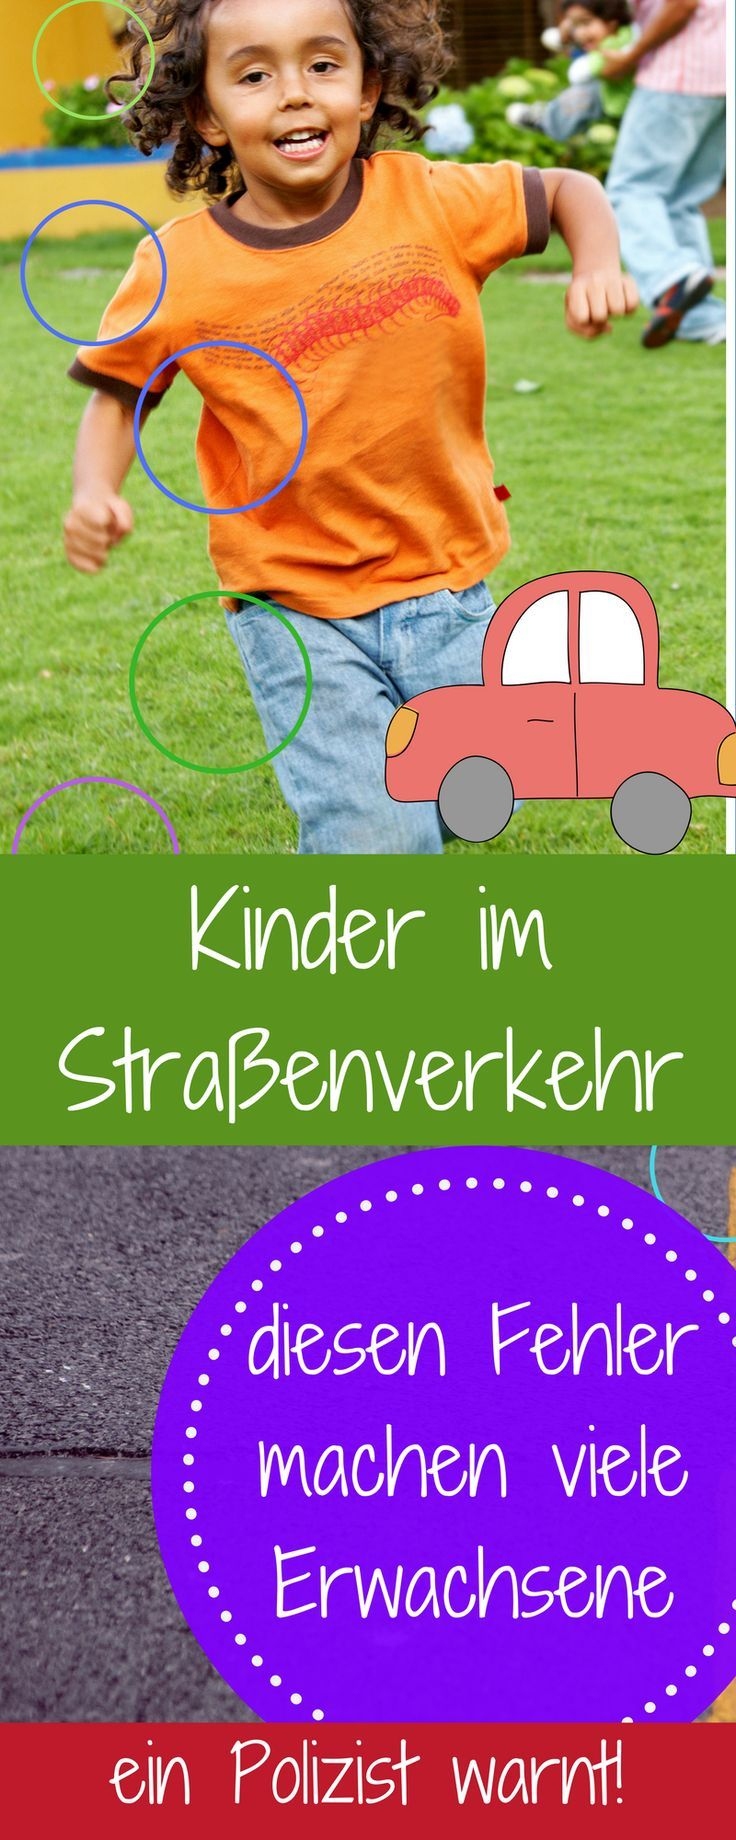 Kinder über die Straße zu winken ist ein riesen Fehler vieler Autofahrer. Warum und worauf Du sonst noch achten solltest....